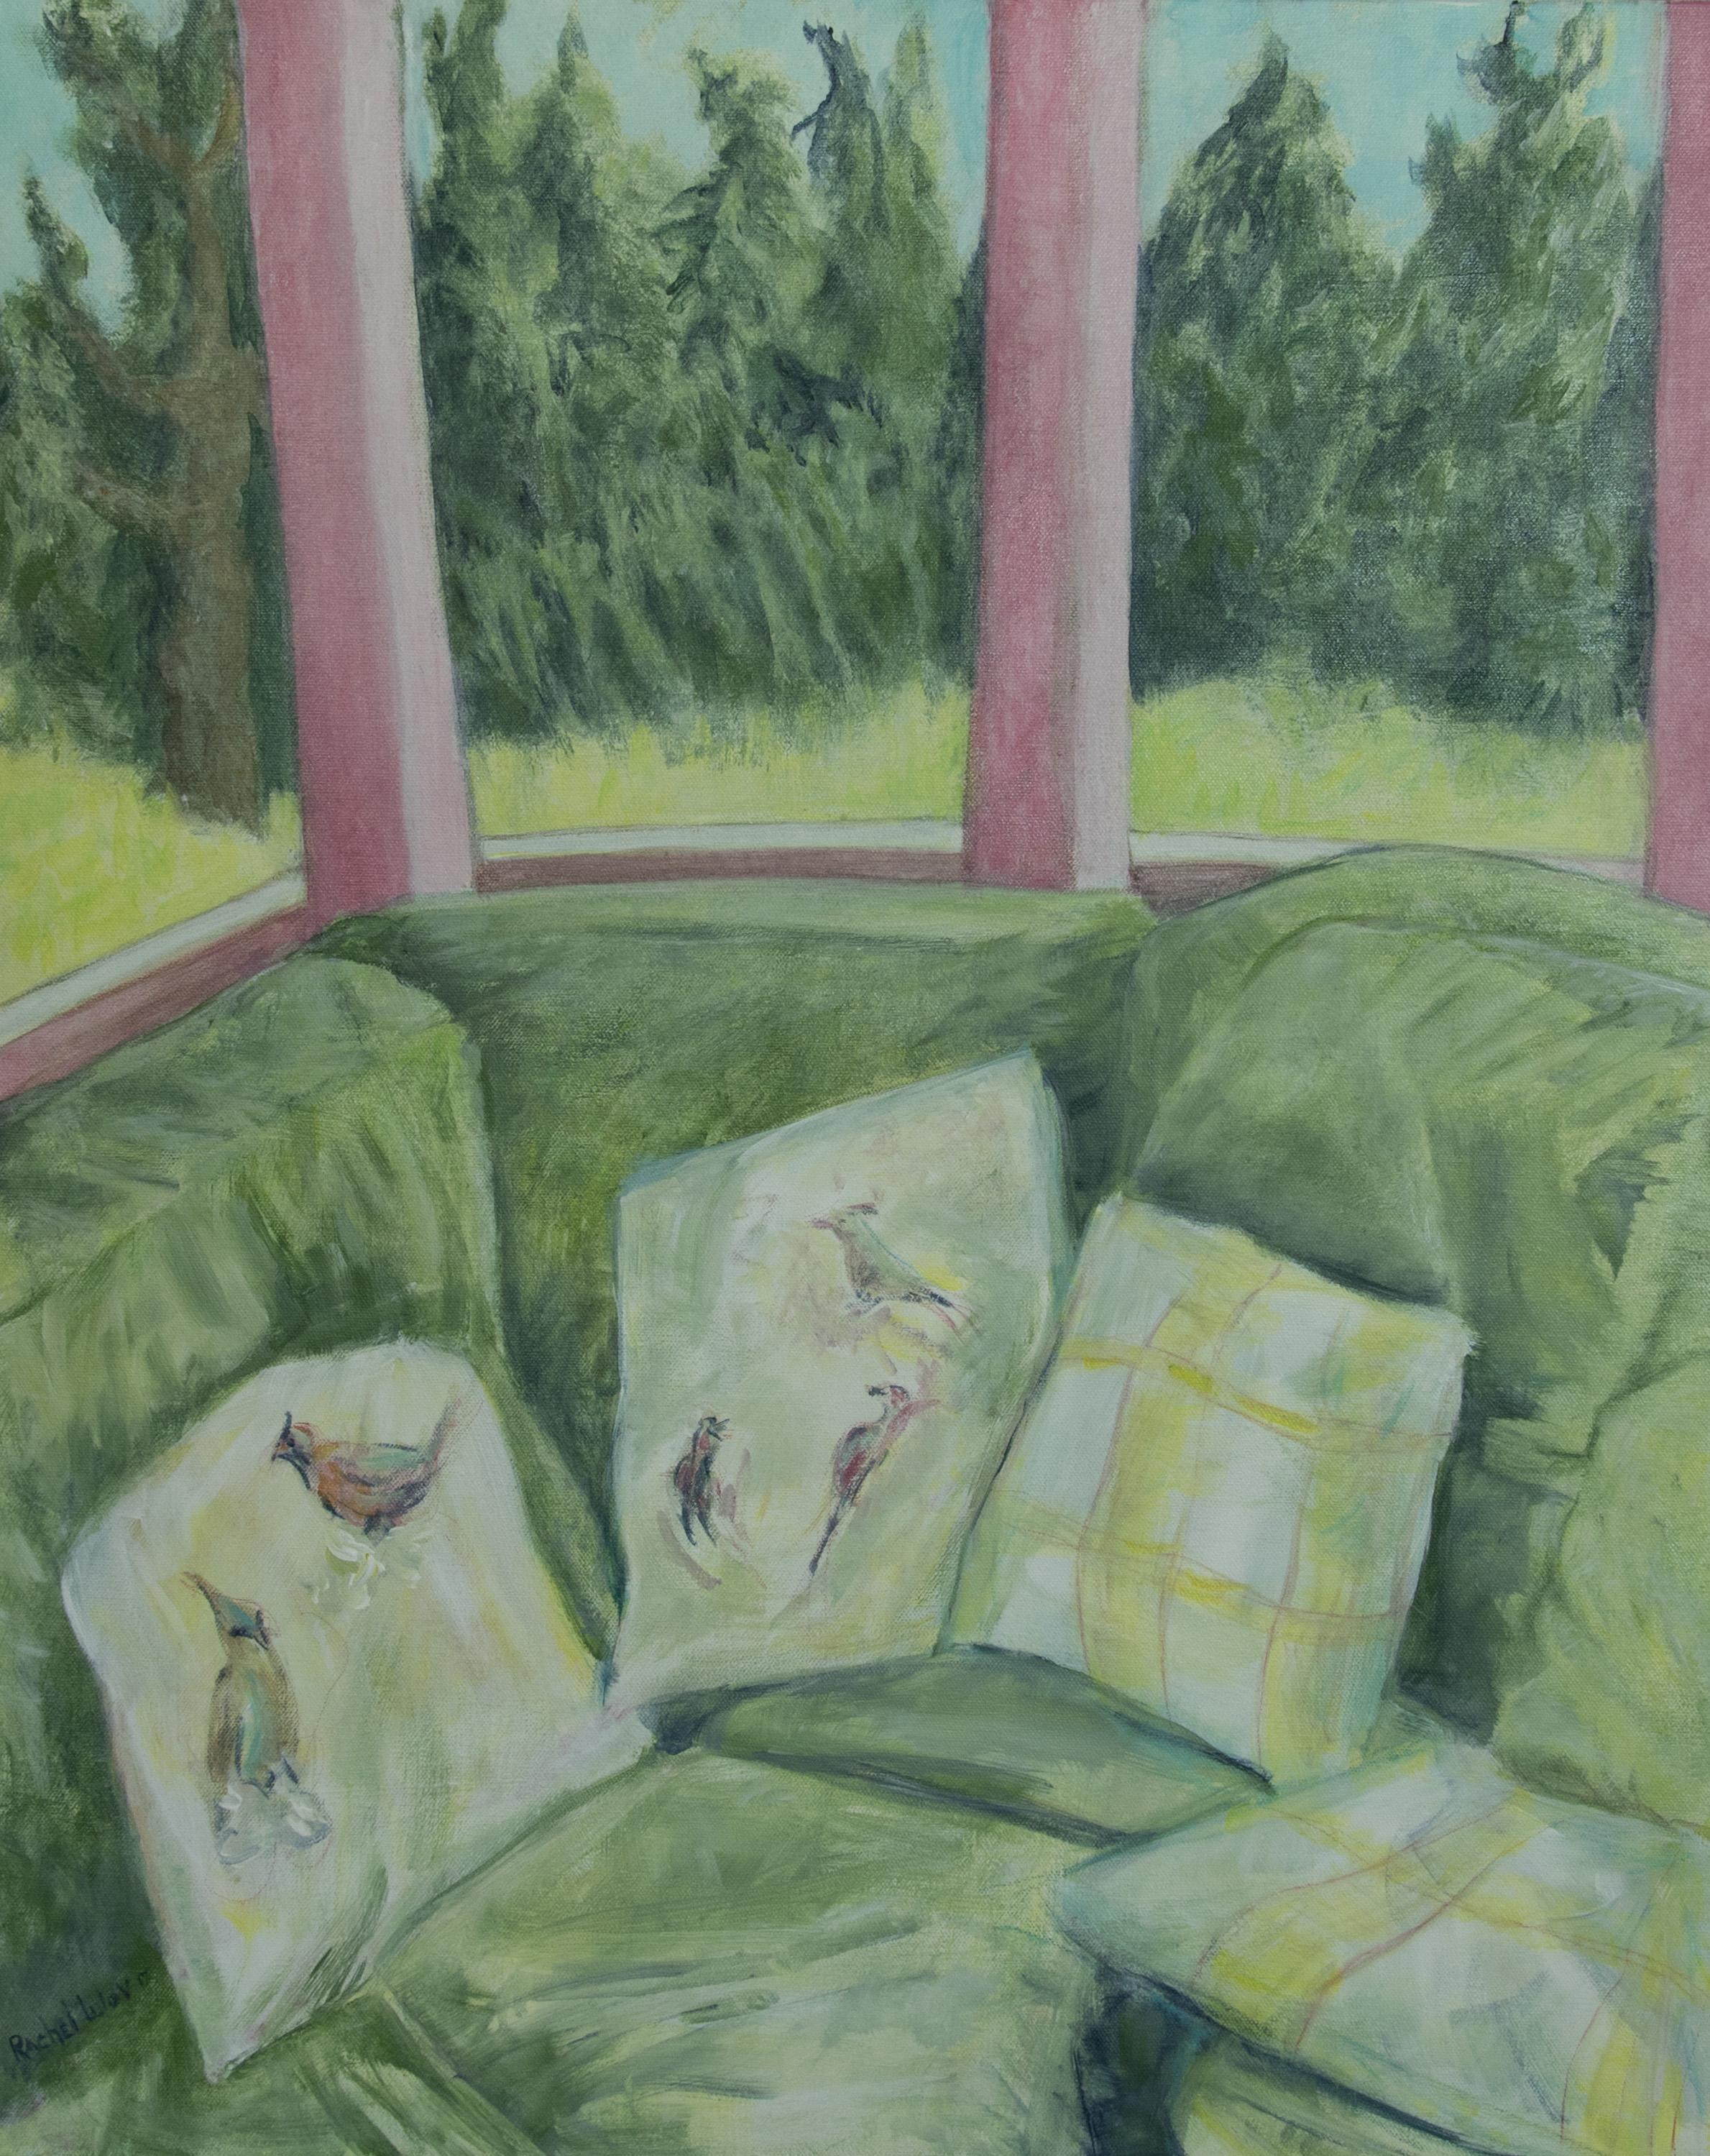 """A Bird in Hand acrylic on Canvas 24"""" x 30"""" Fear Follow From... acrylic on canvas 24"""" x 30"""" Rachel Lulov Segall"""